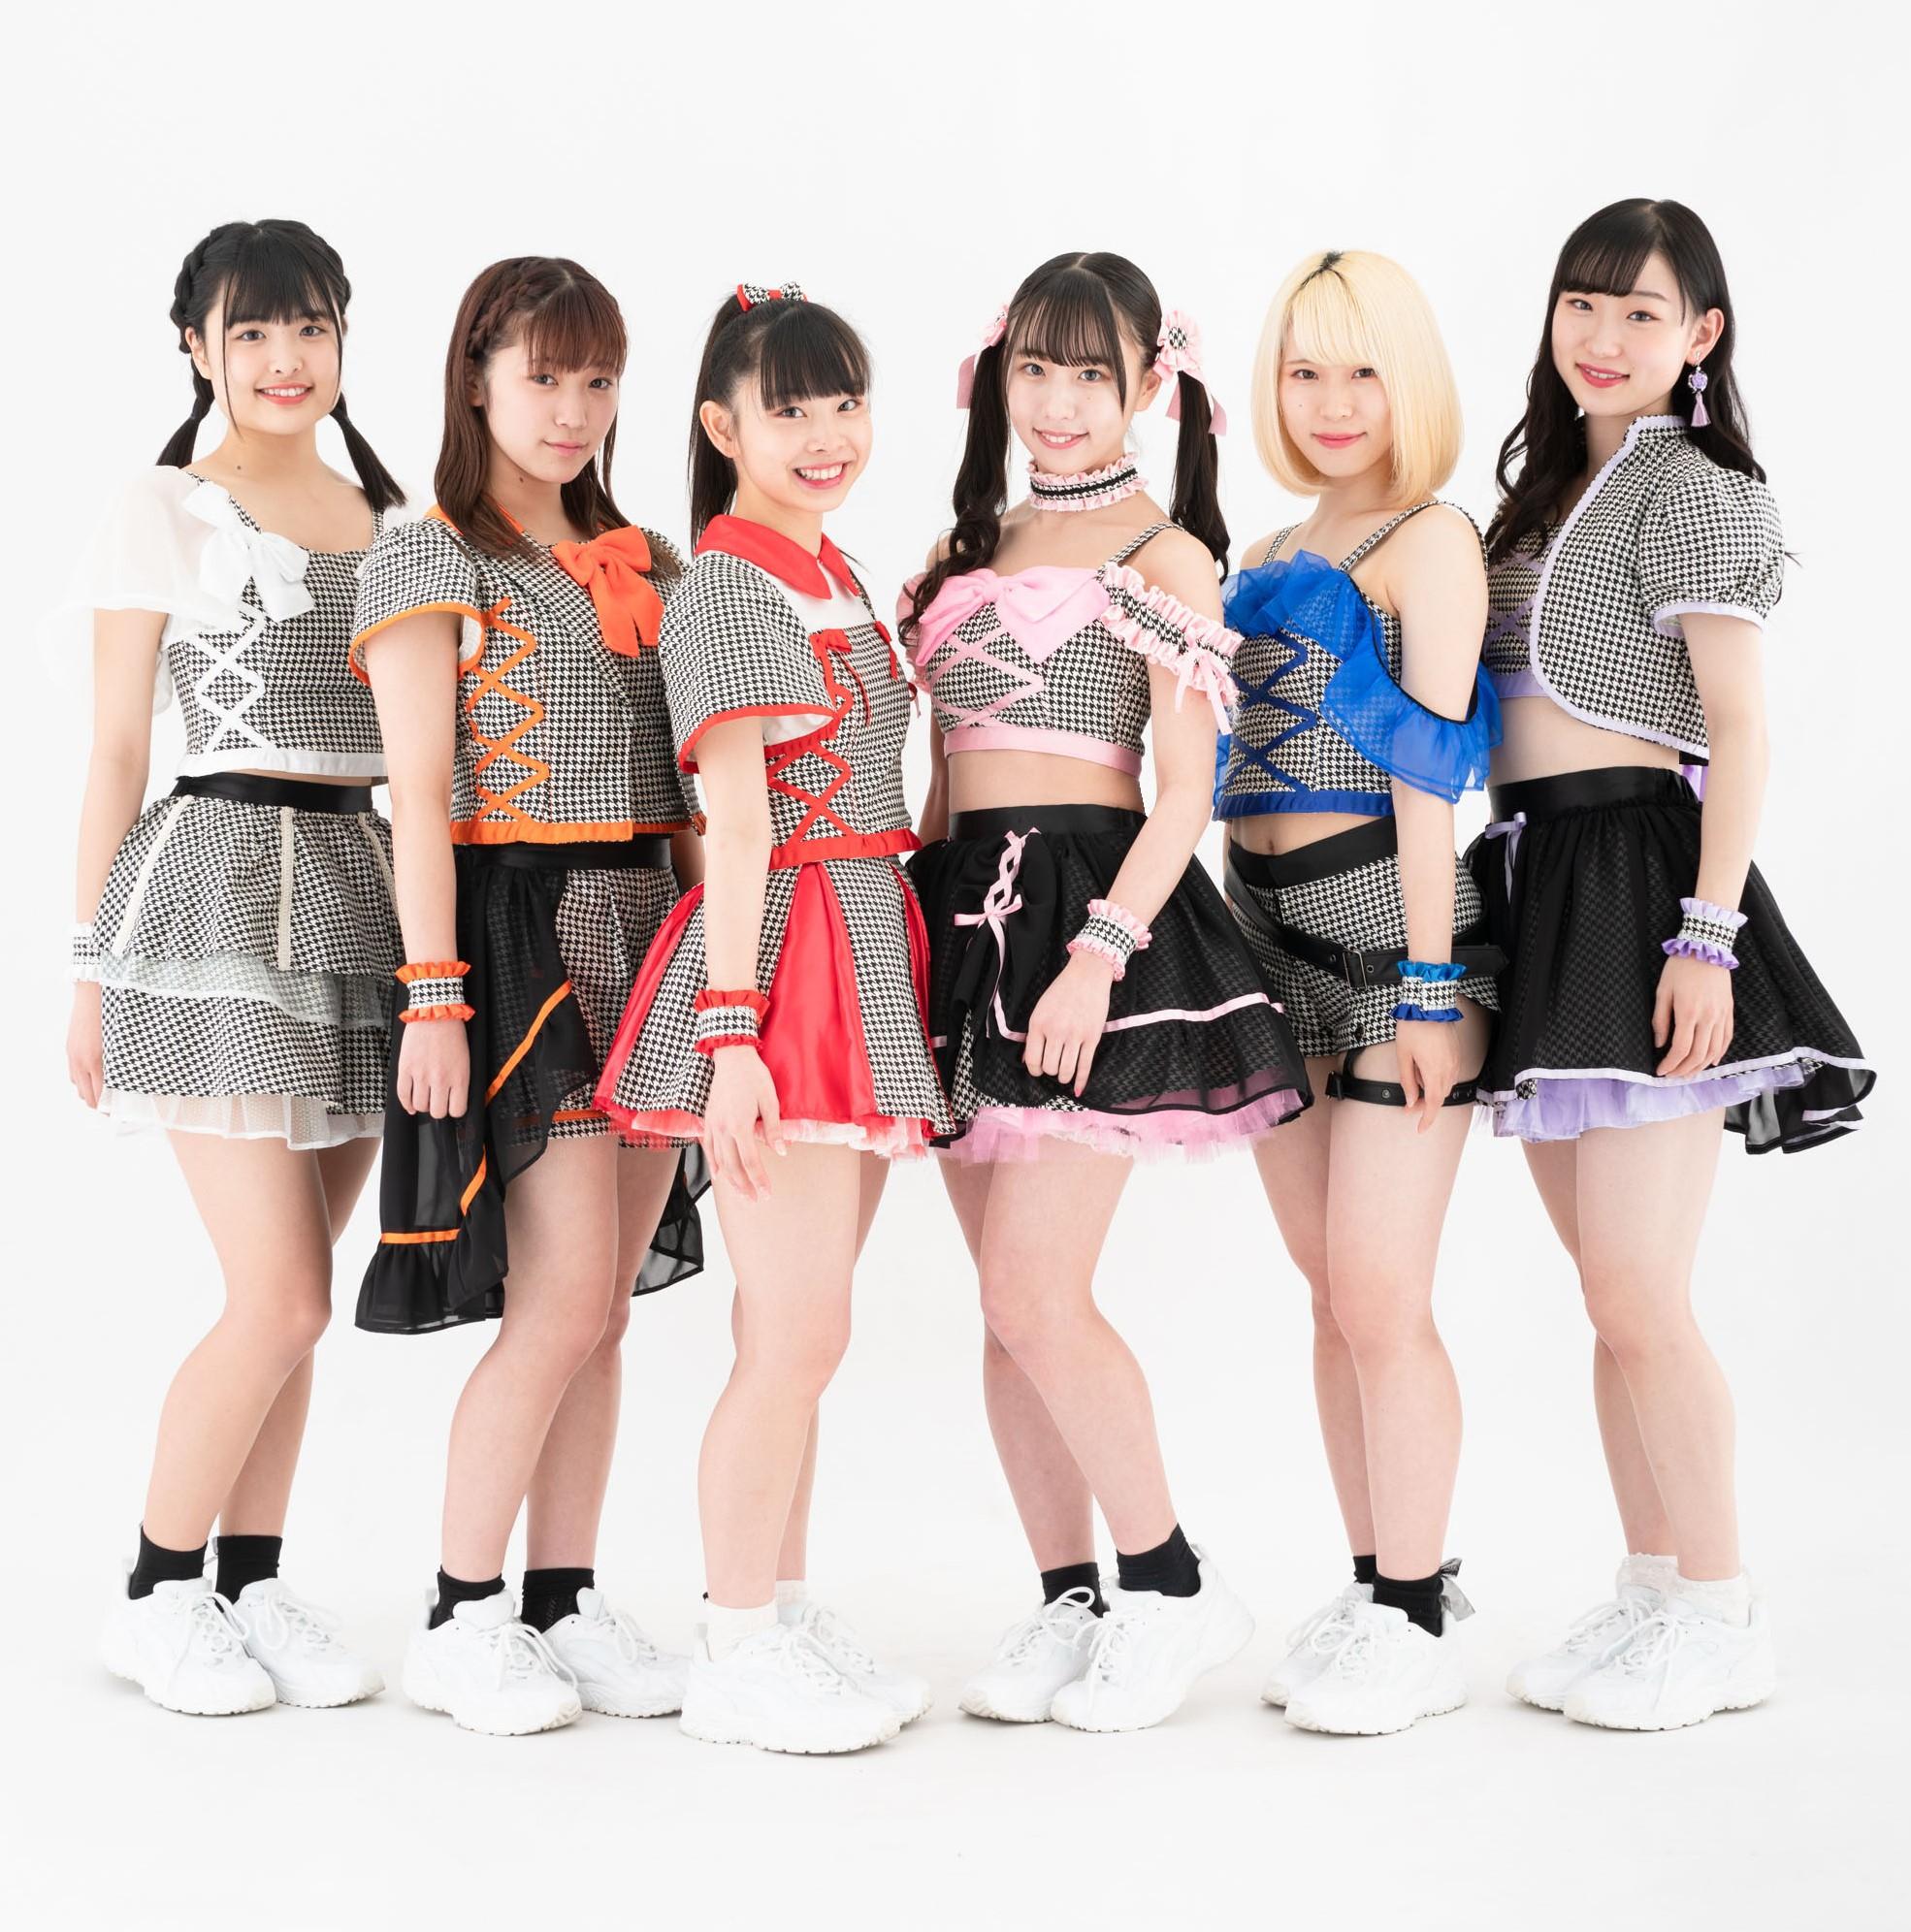 11月1日(日) GirlsComplex SP 「Autumn Idol Complex」1部「出張ぐりぴらいぶ」